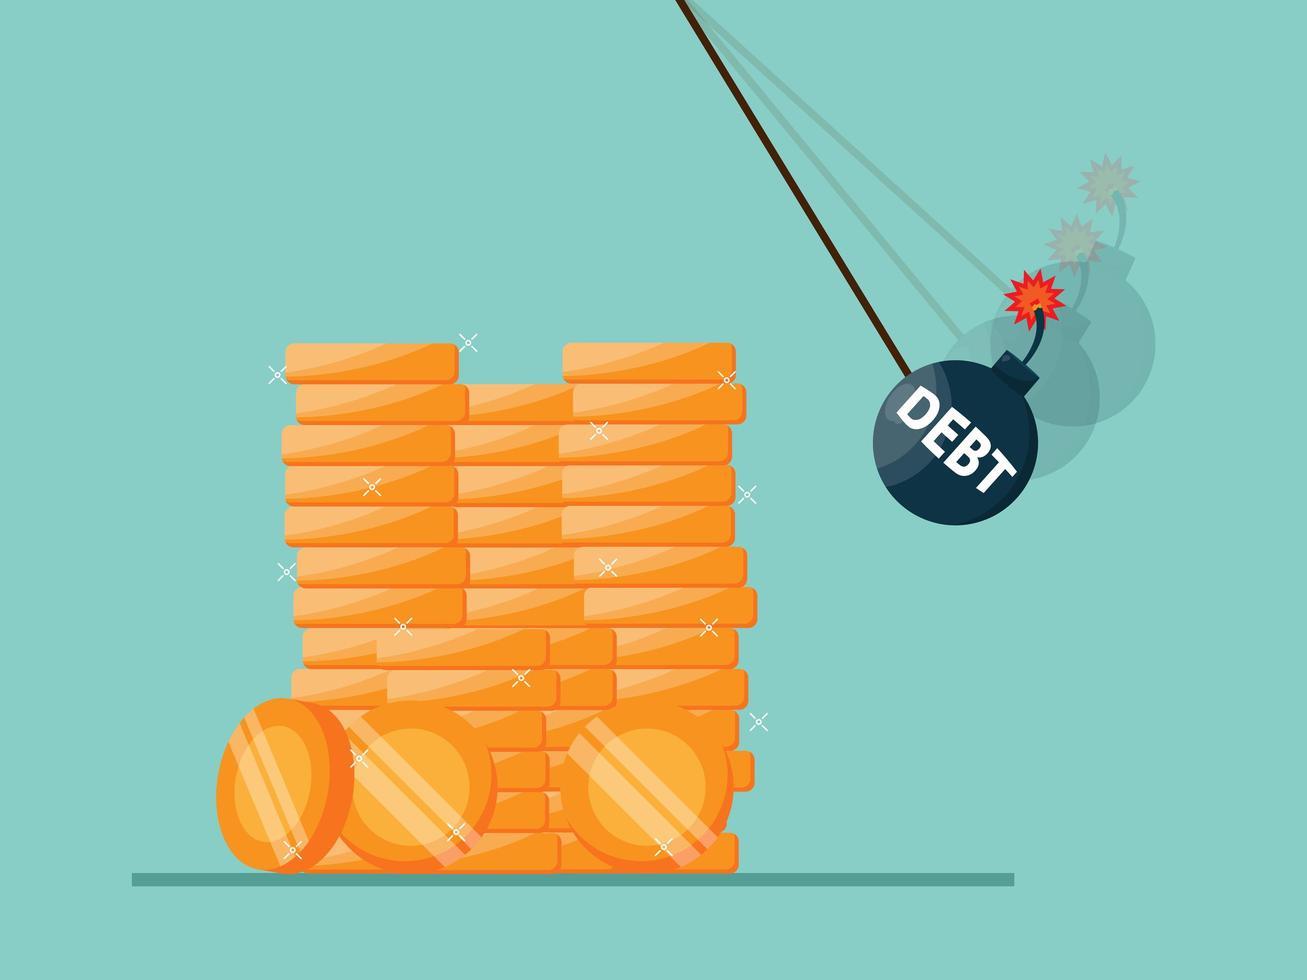 skuldbomb förstör bunt med mynt, ekonomisk kris vektor